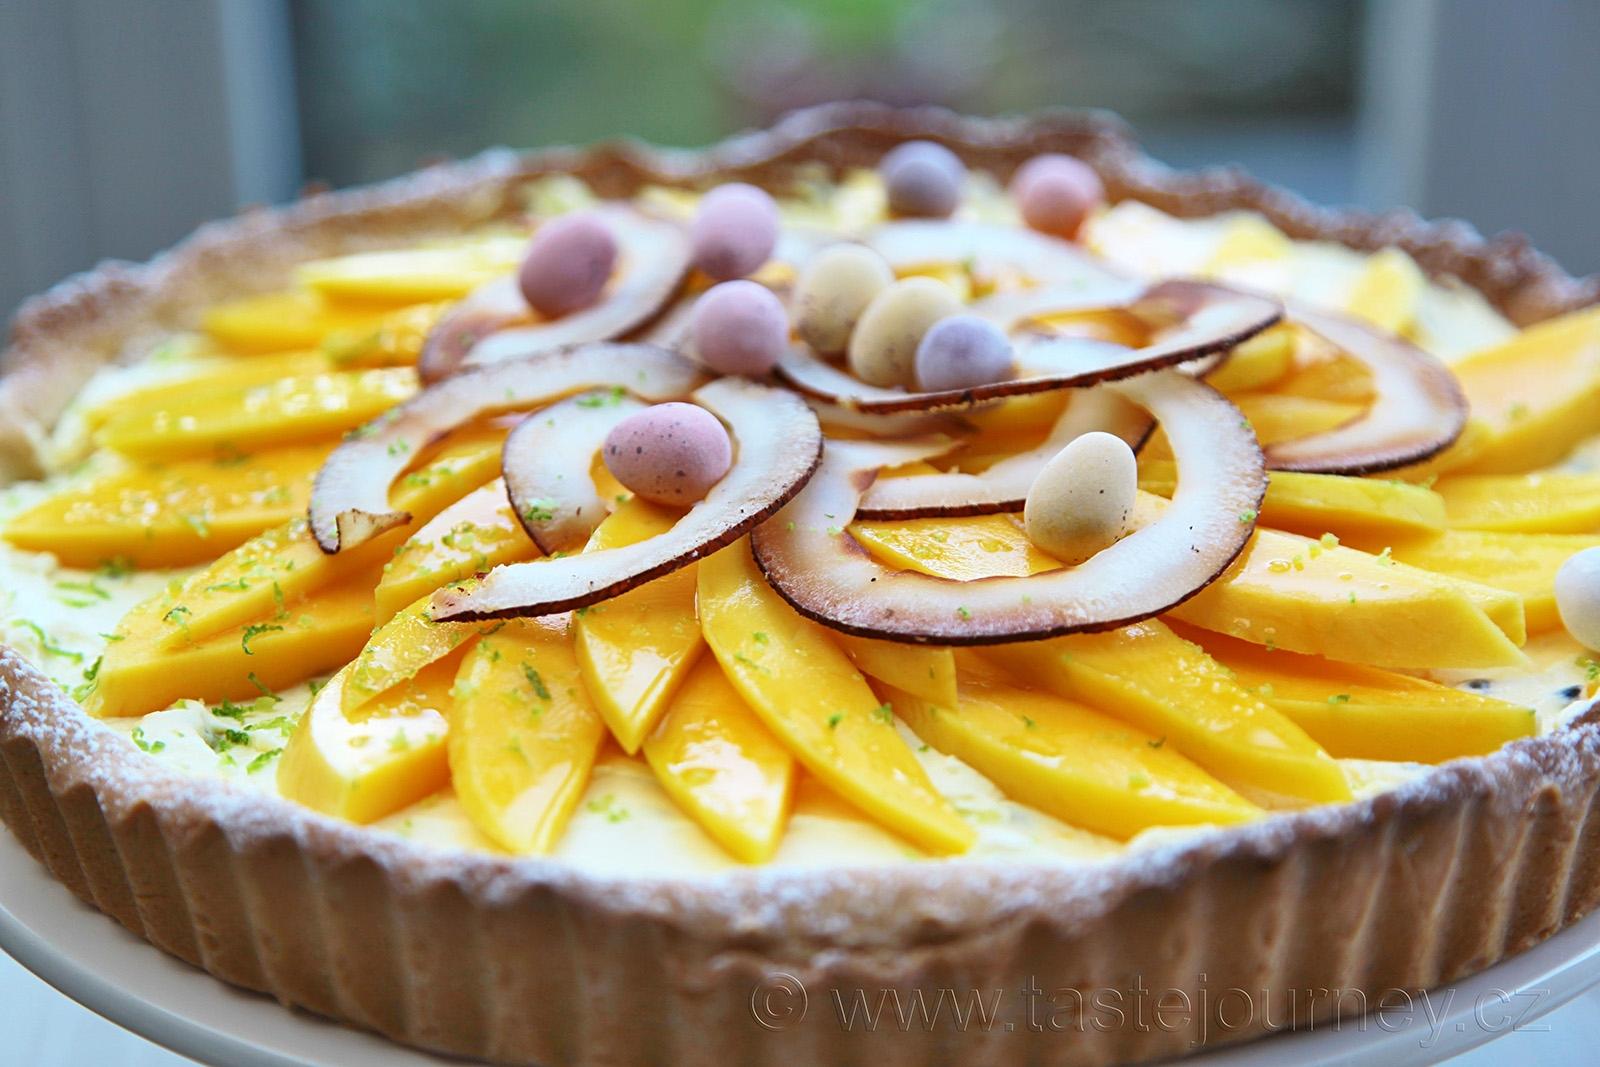 Šťavnaté mango, marakuja v krému a kokos na ozdobu doplní limetková kůra